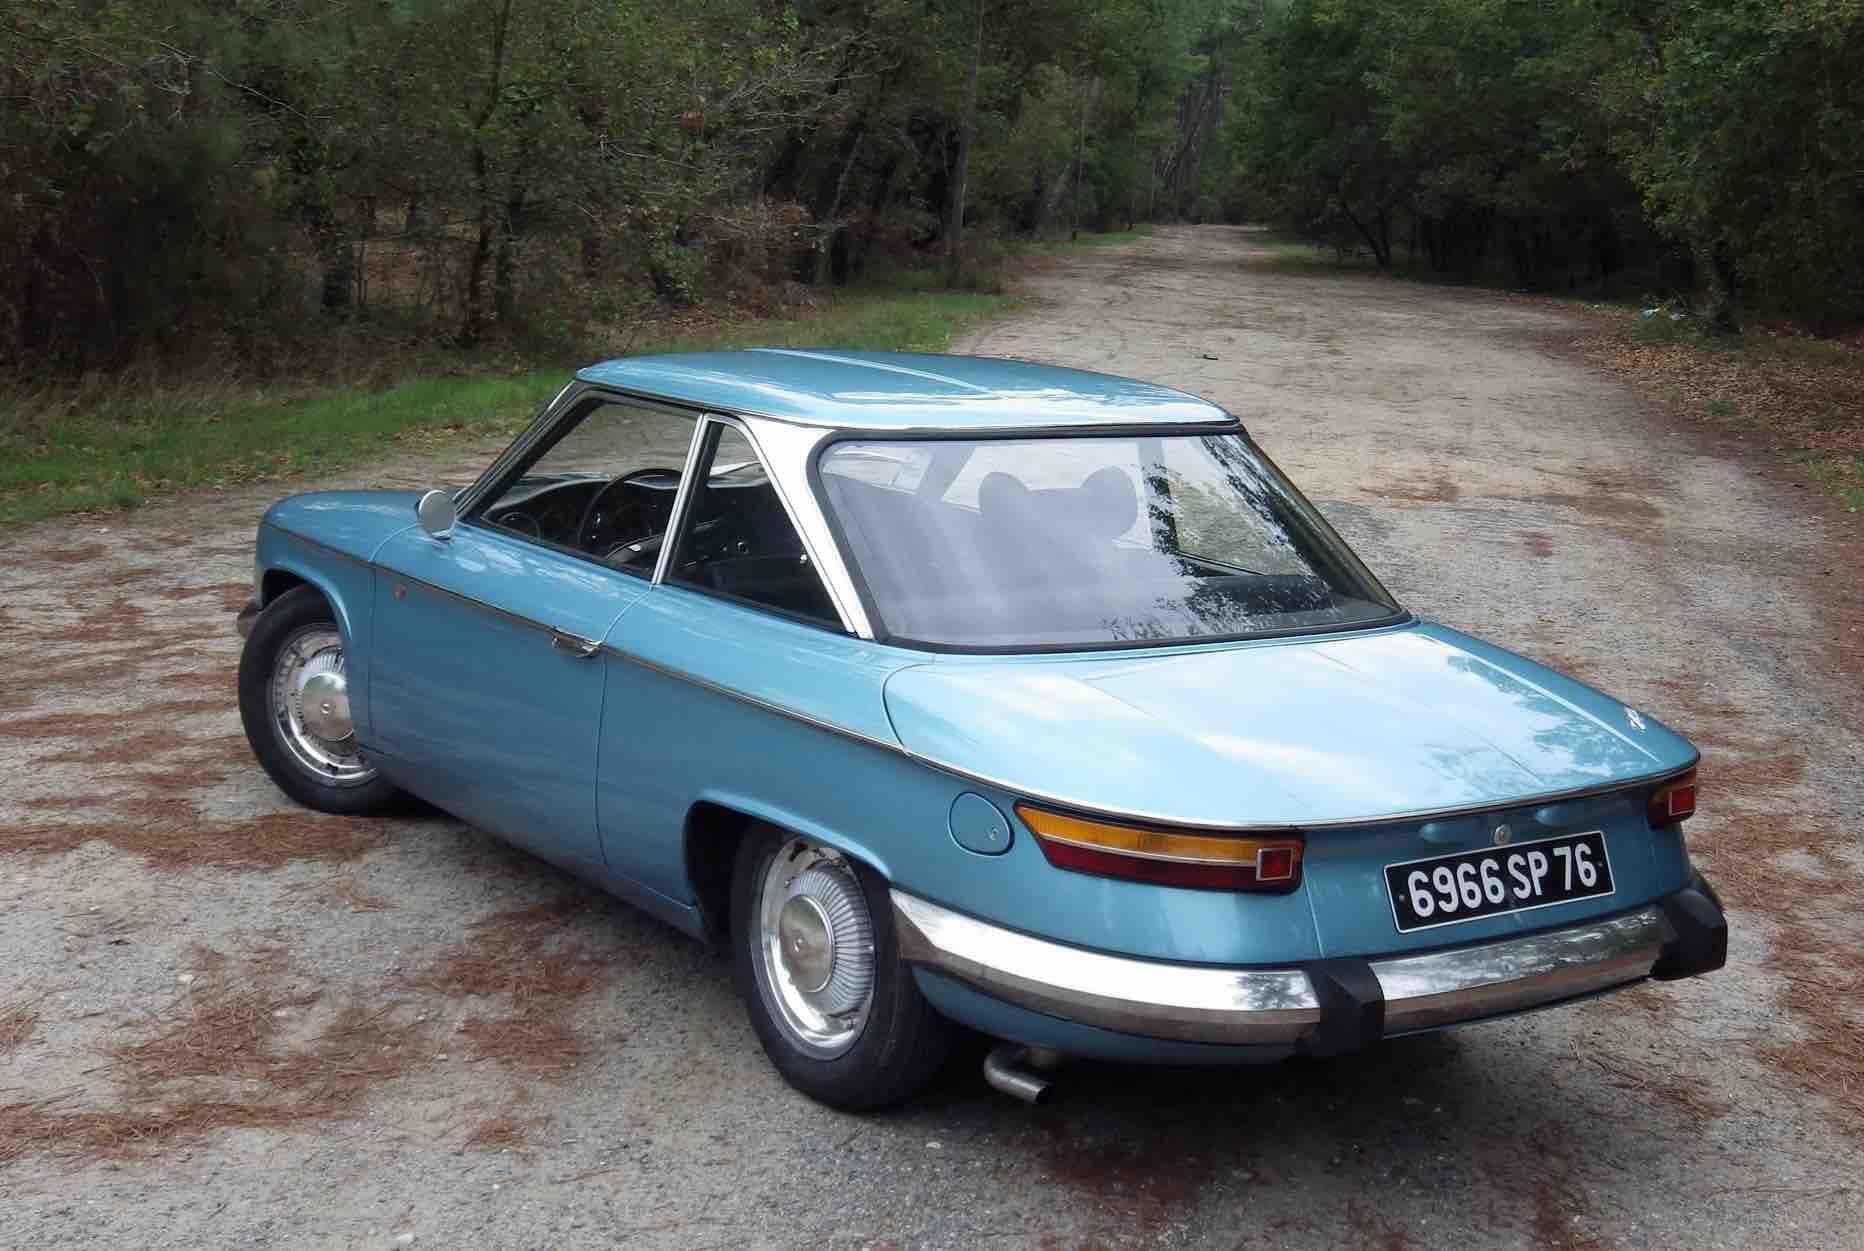 Panhard-24-1964-1967--(3)